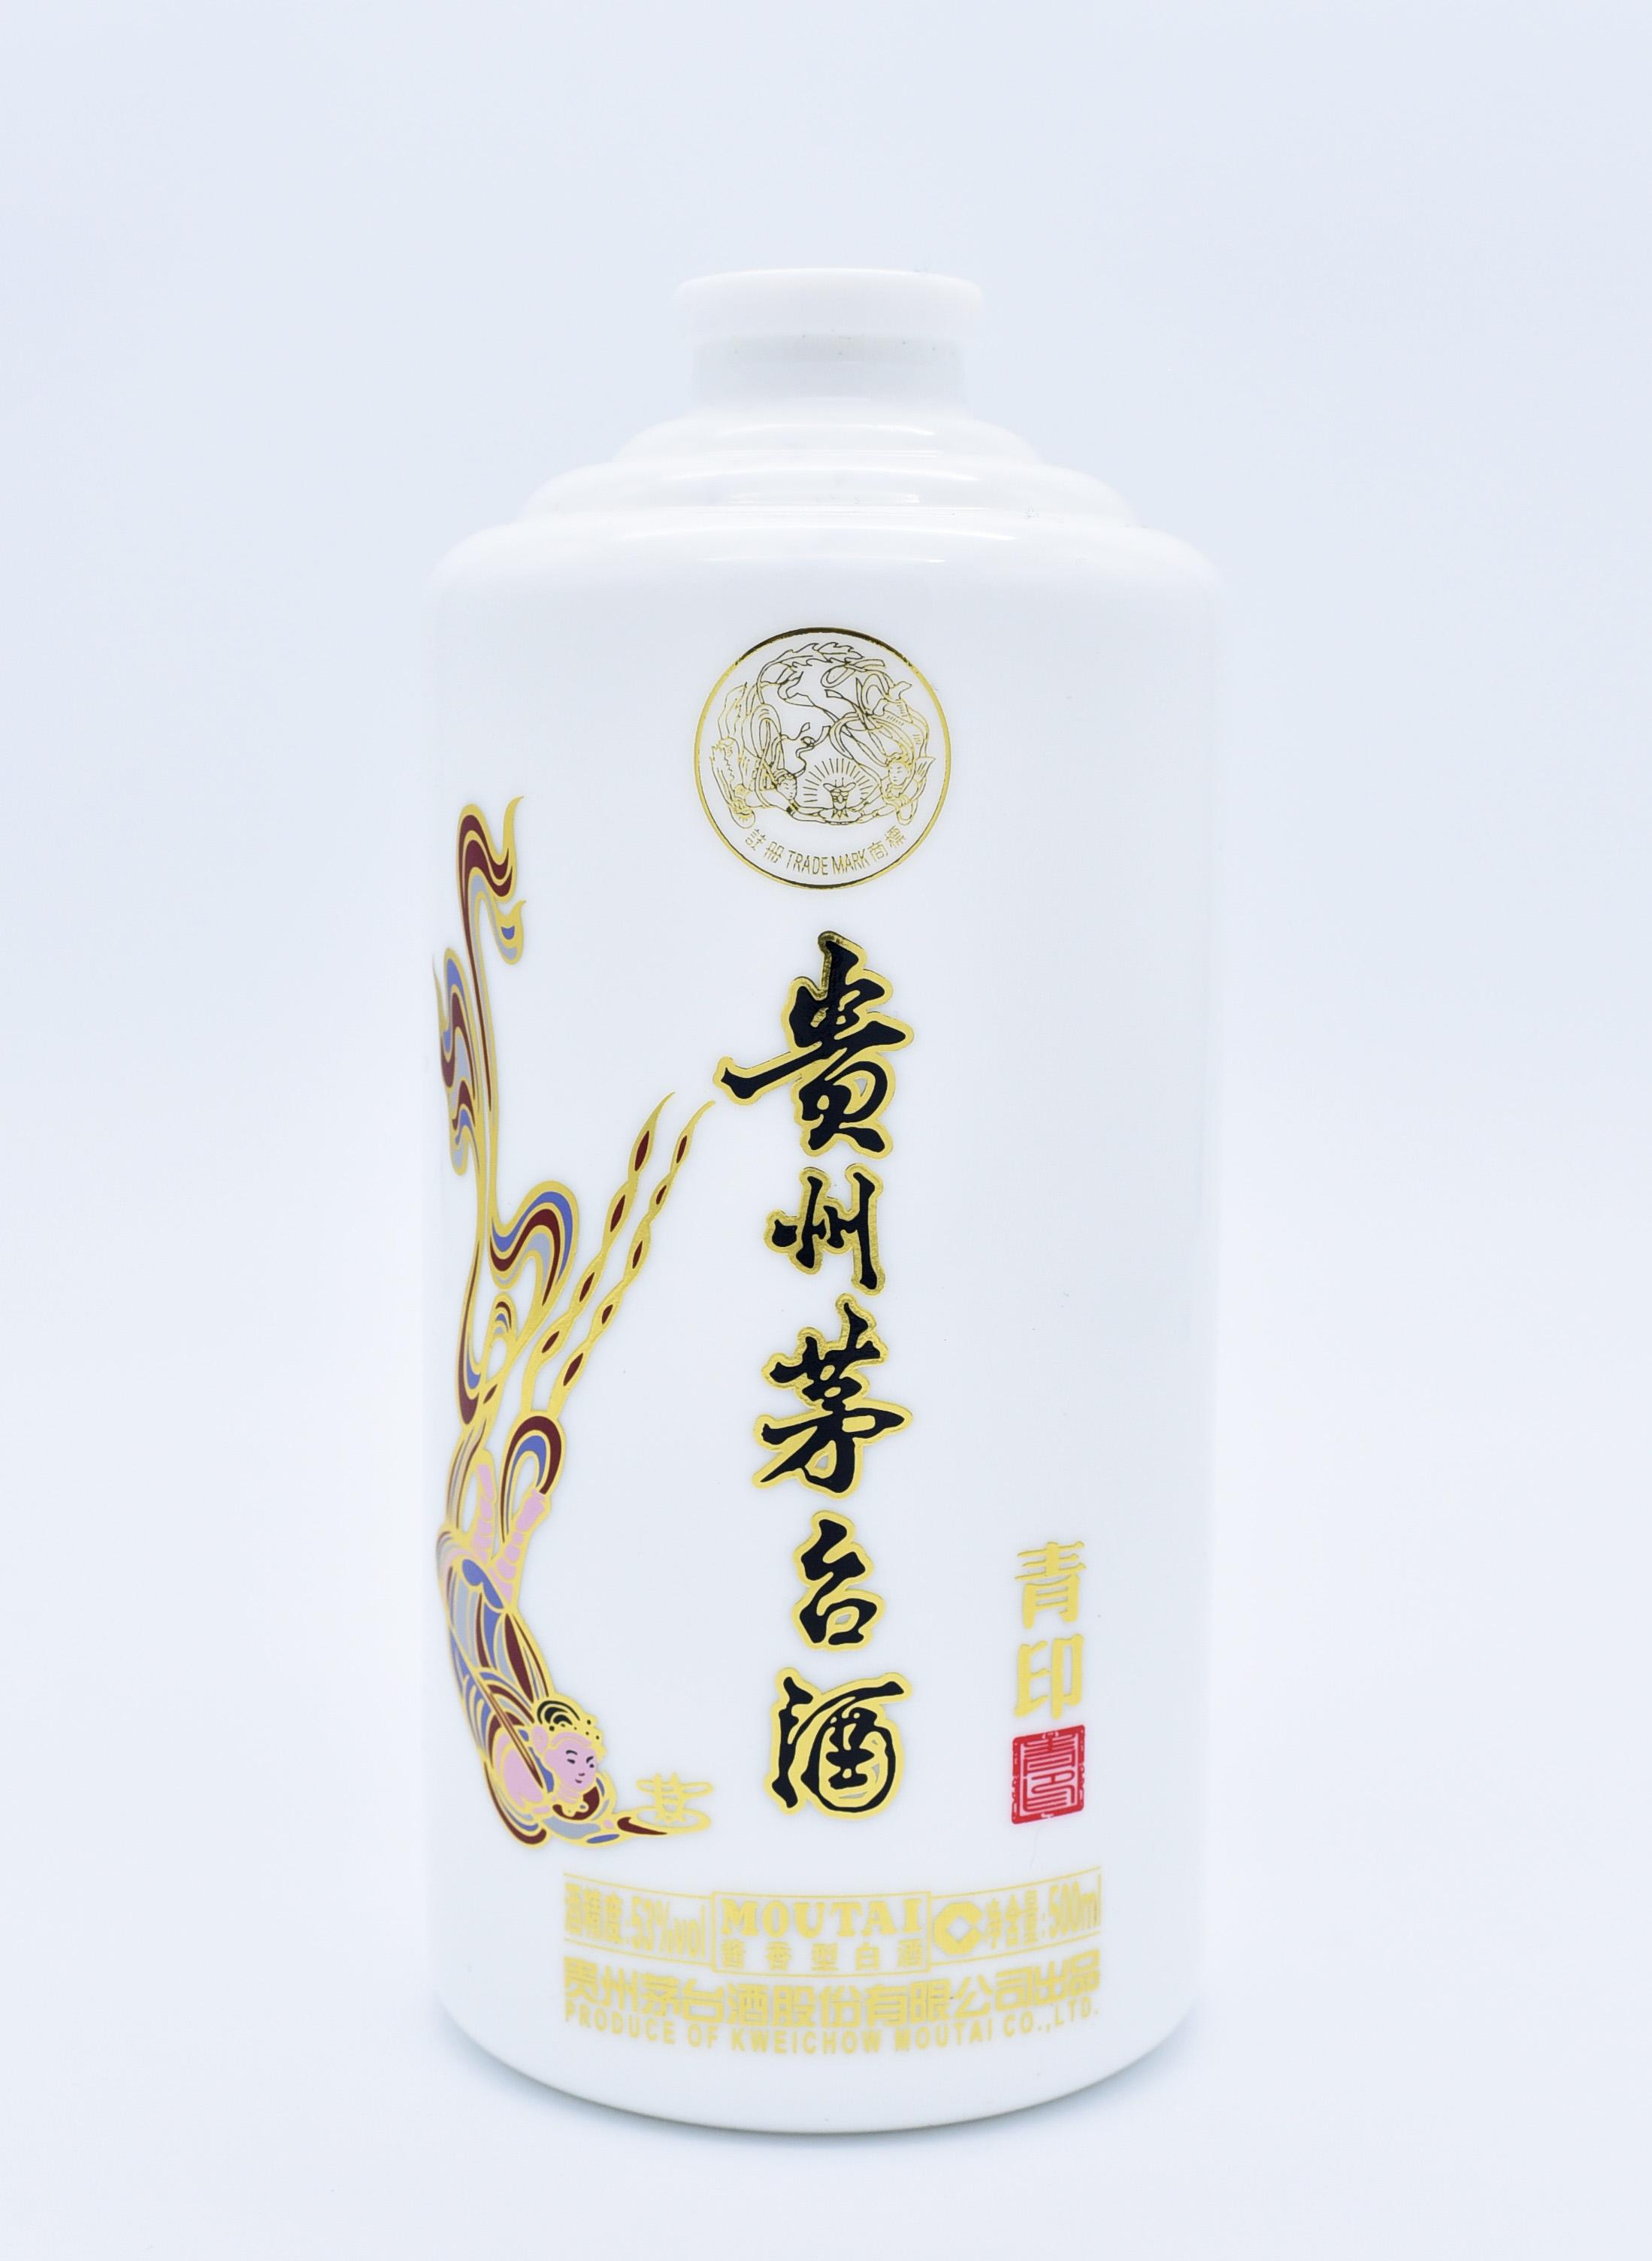 贵州茅台酒青印瓶